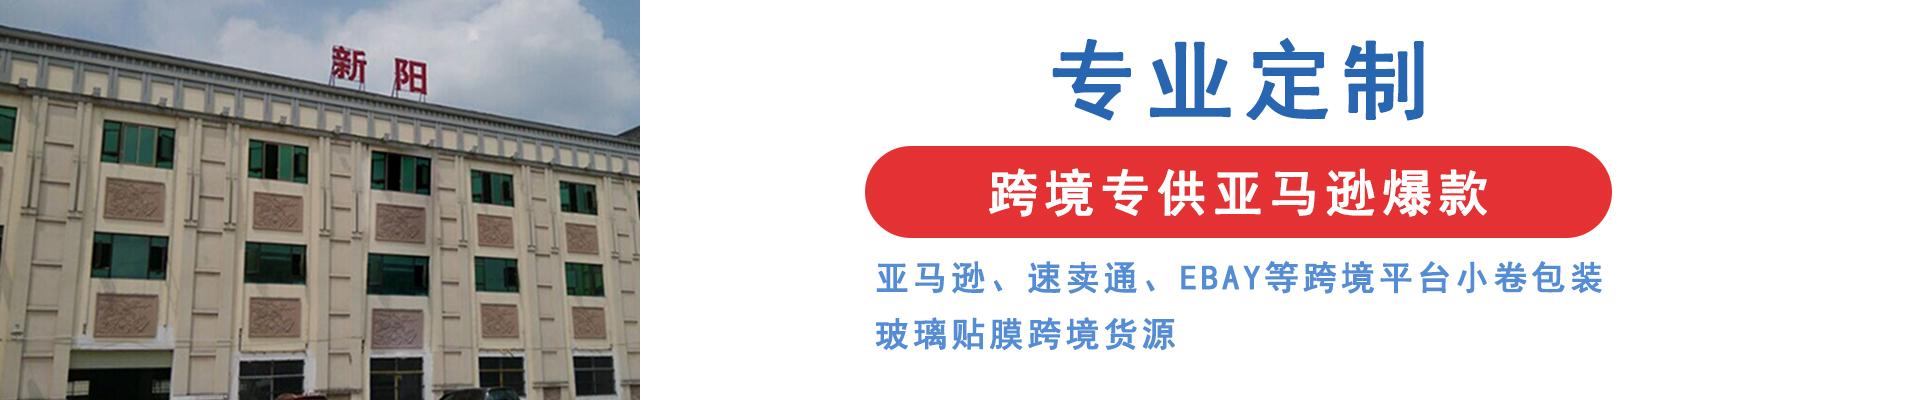 东莞市新阳隔热防爆膜有限公司